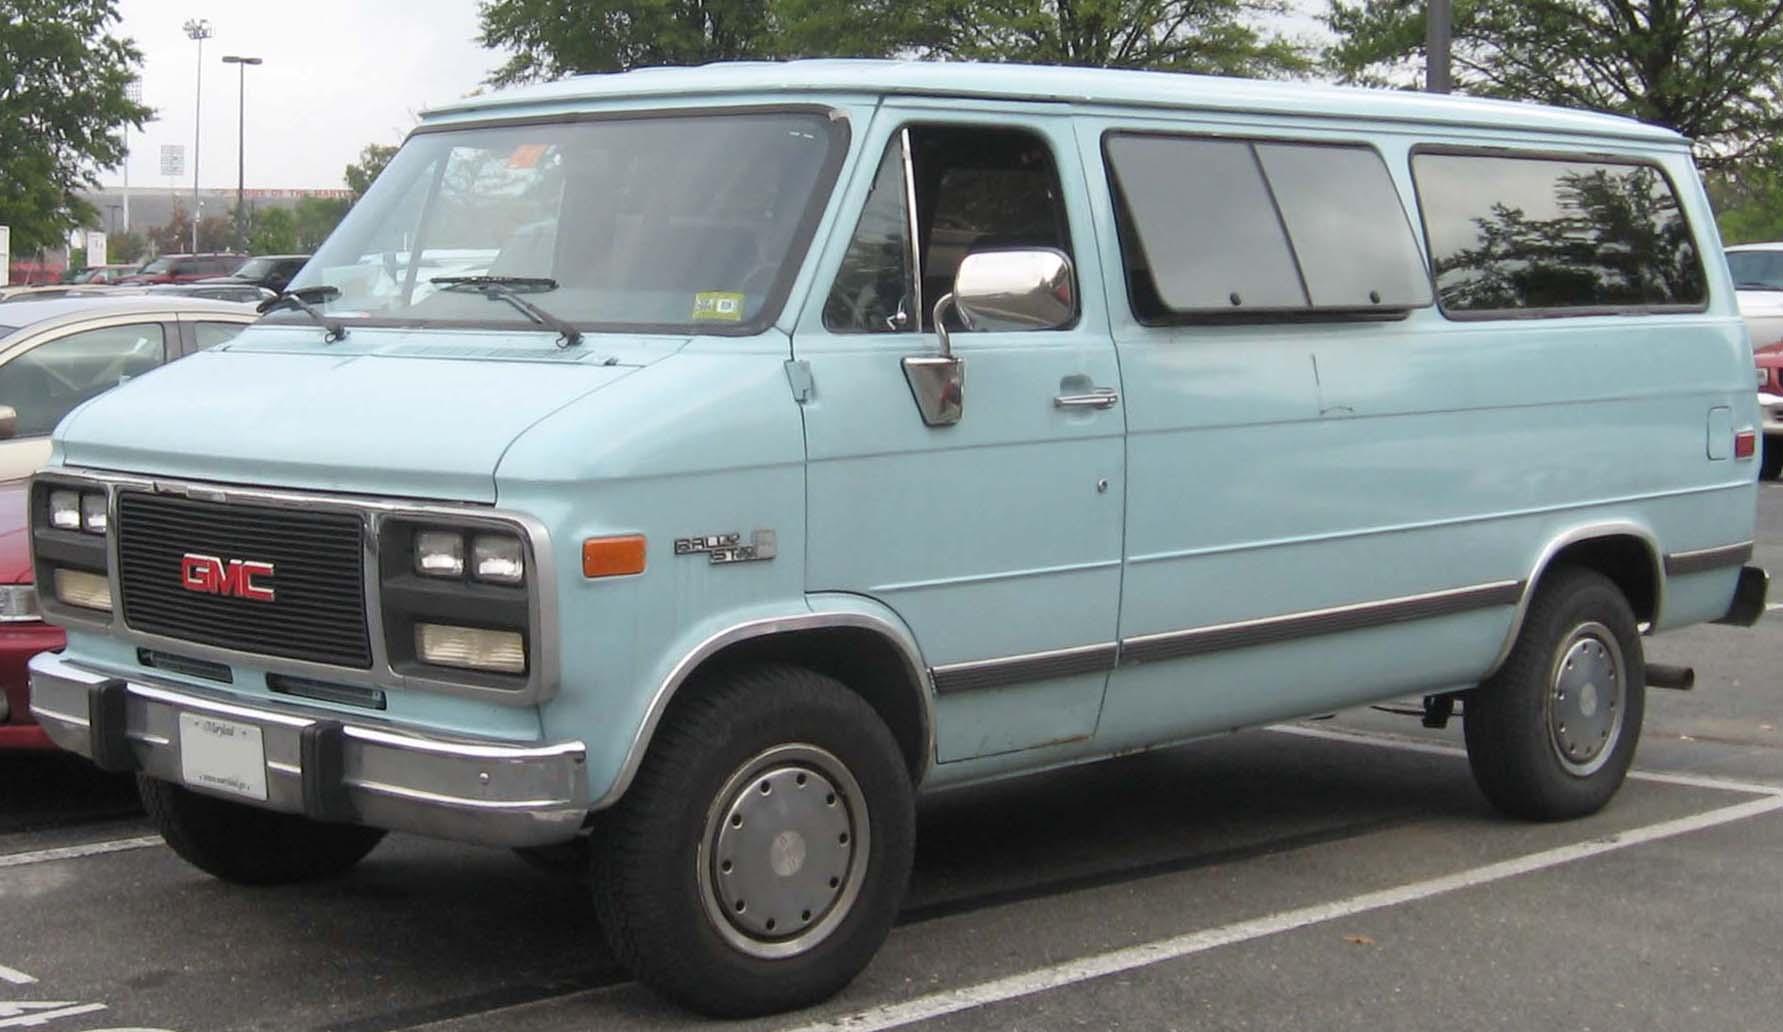 gmc car reviews vans and specs resize savana photos original center price crop